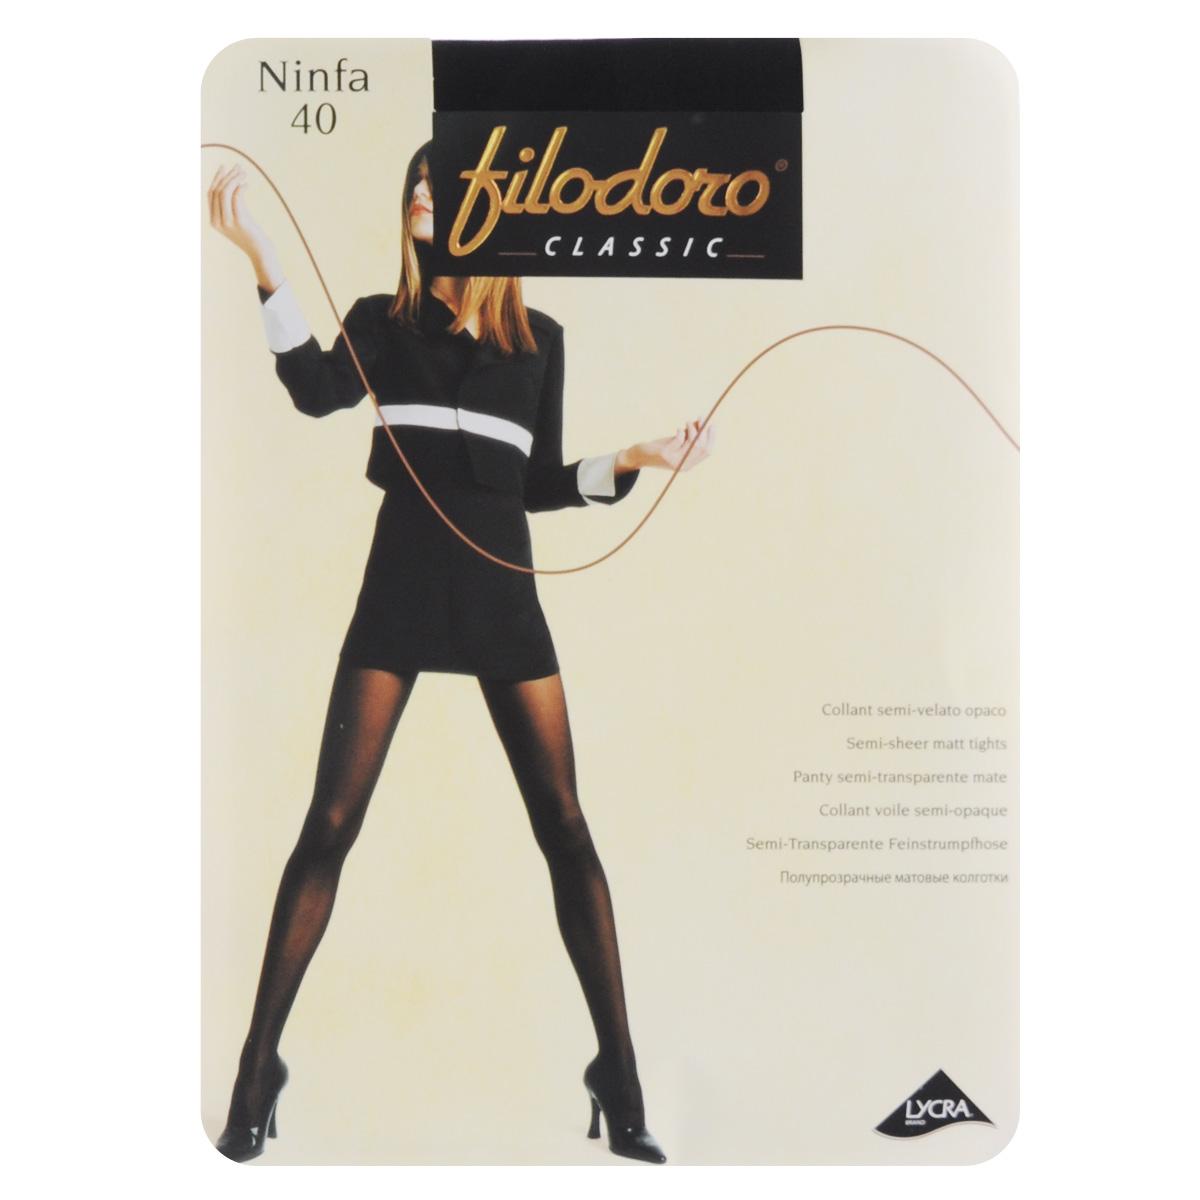 Колготки женские Ninfa 40. C115059FCC115059FCМатовые эластичные колготки Filodoro Classic Ninfa, однородные по всей длине, с комфортным швом, гигиеничной ластовицей и укрепленным мыском. Плотность: 40 den.